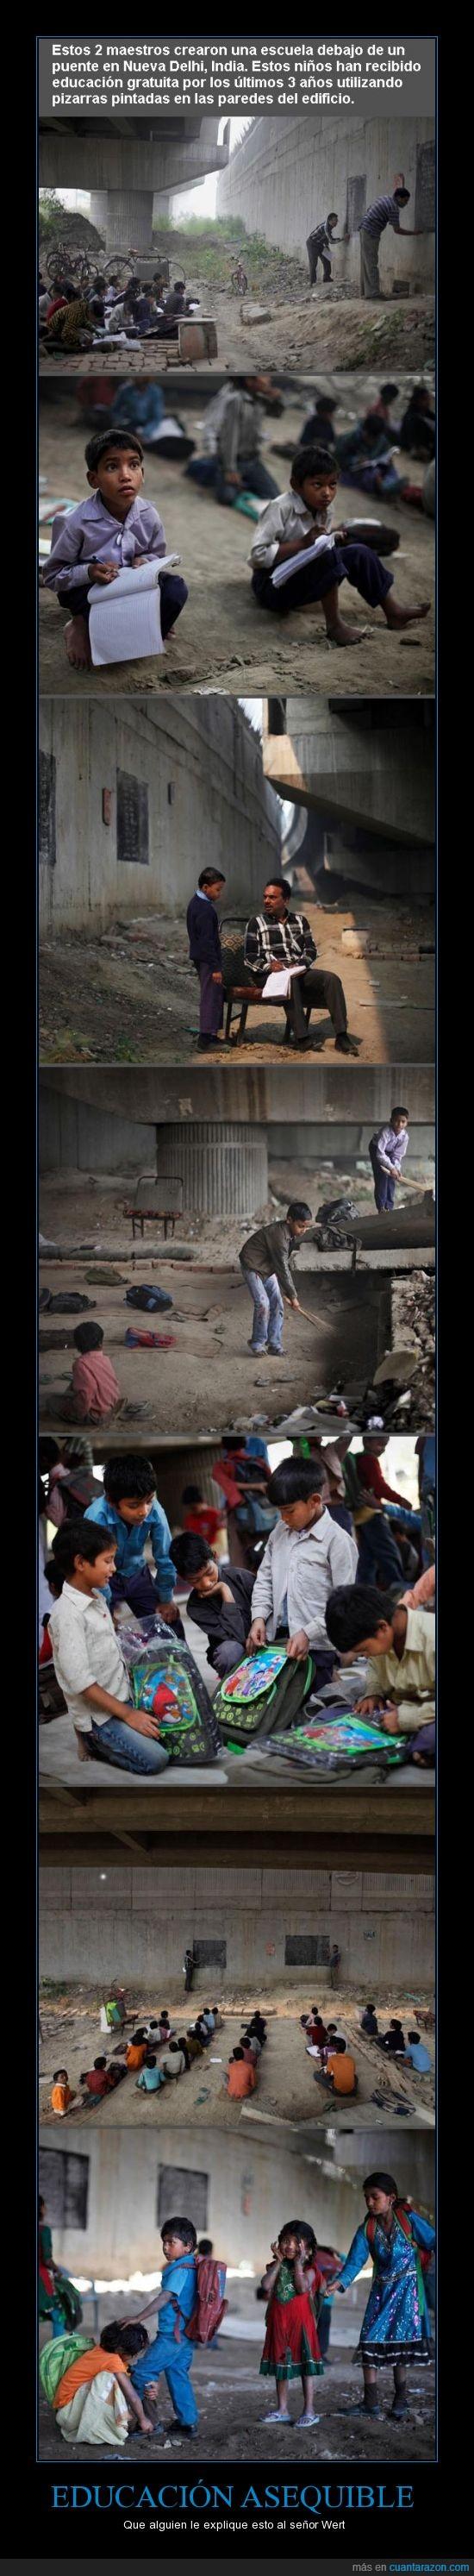 buenos,ejemplo,escuela,india,maestros,niños,pobreza,puente